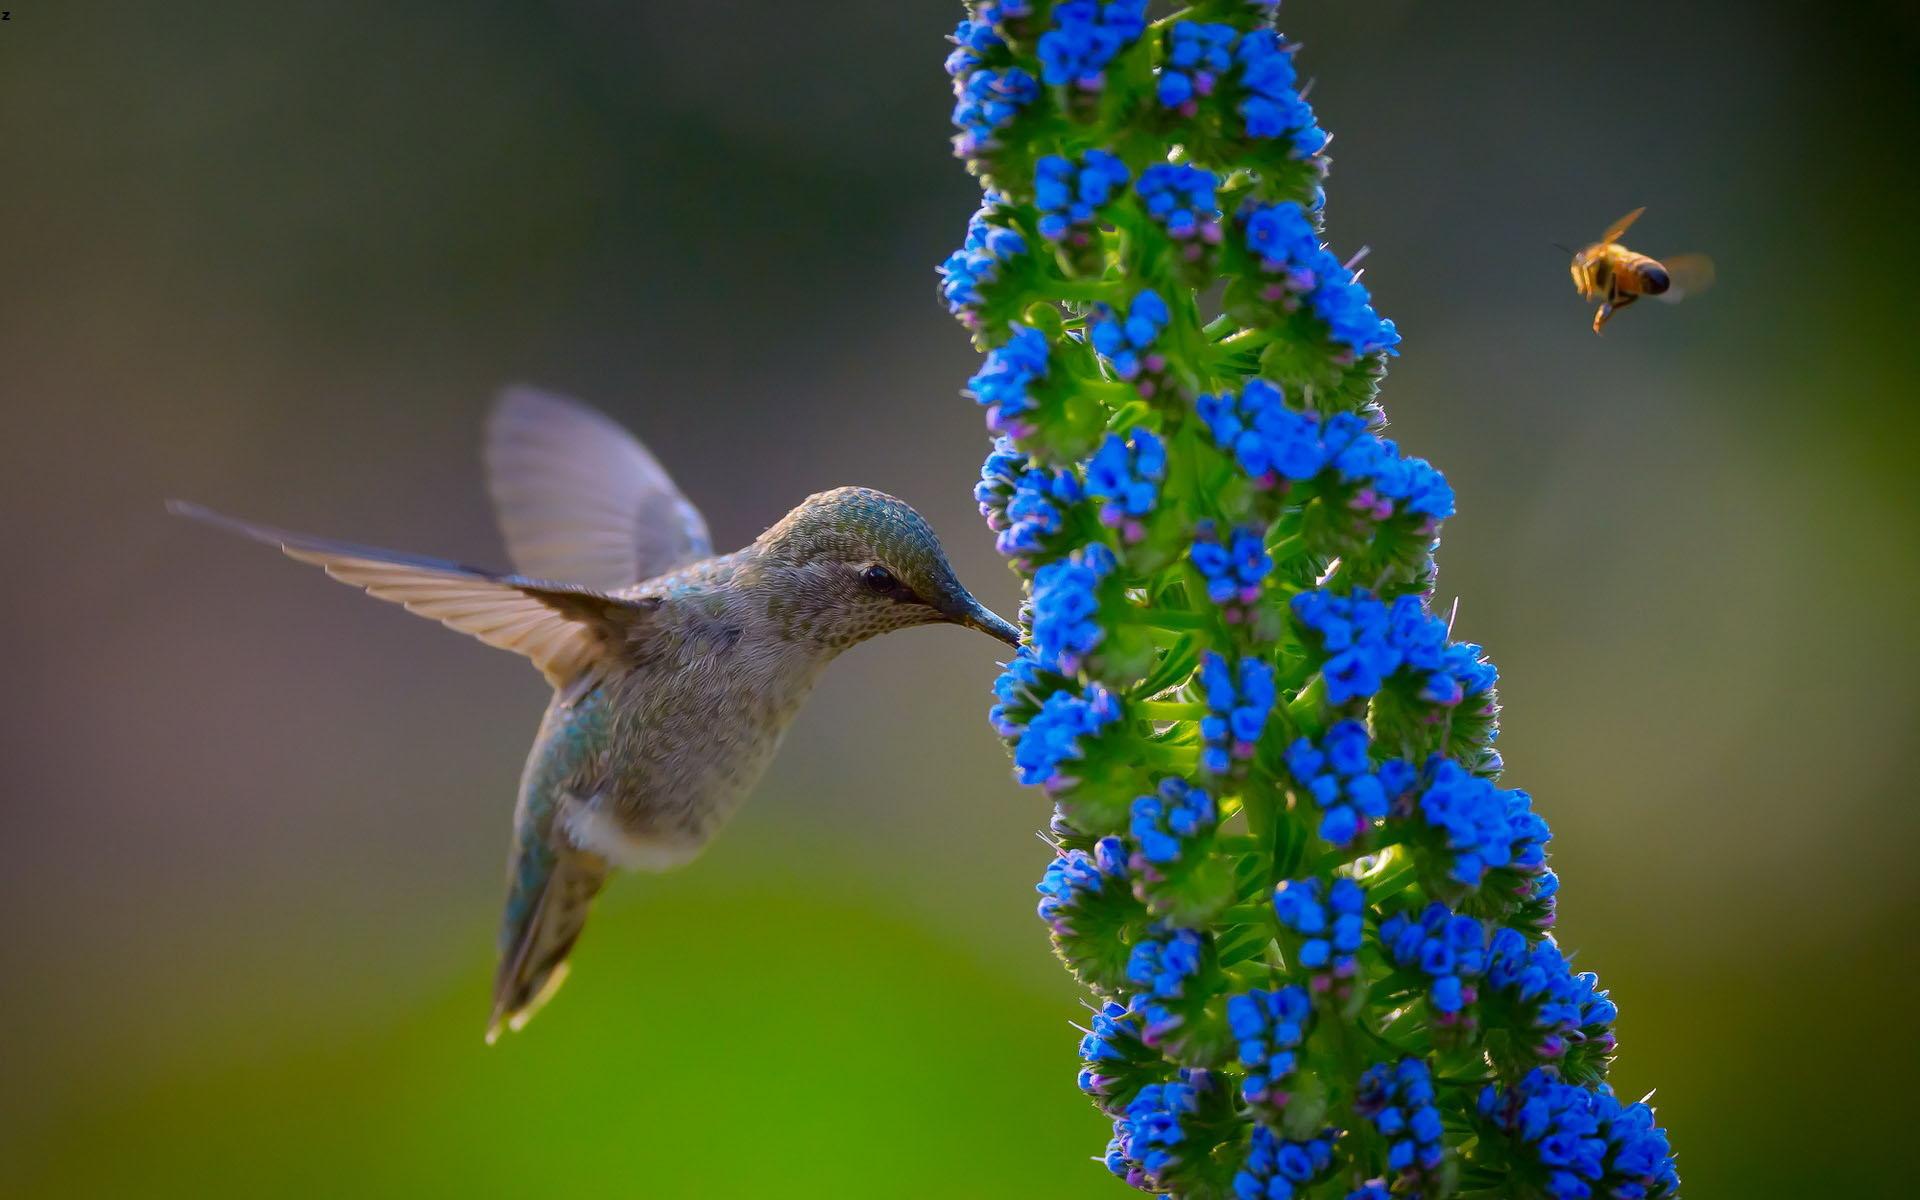 New Wind Turbine Mimics The Hummingbird